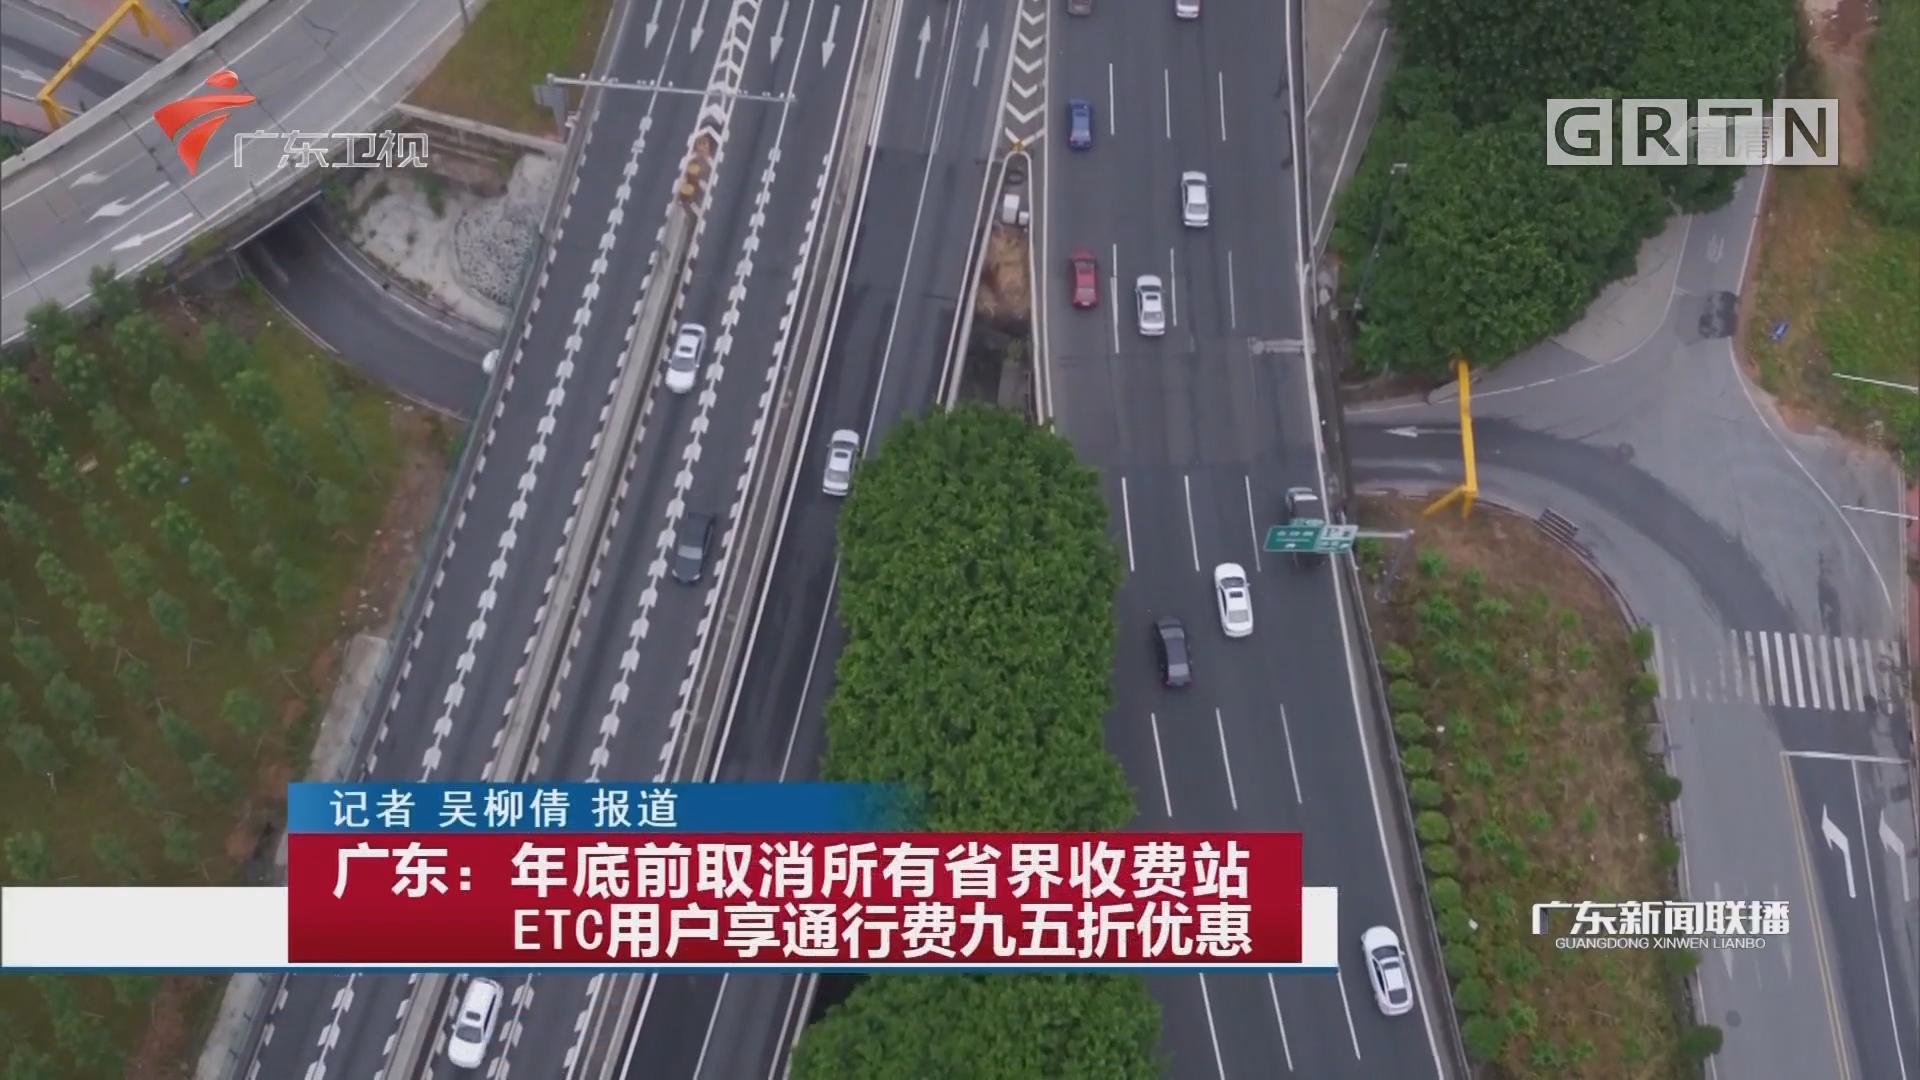 广东:年底前取消所有省界收费站 ETC用户享通行费九五折优惠